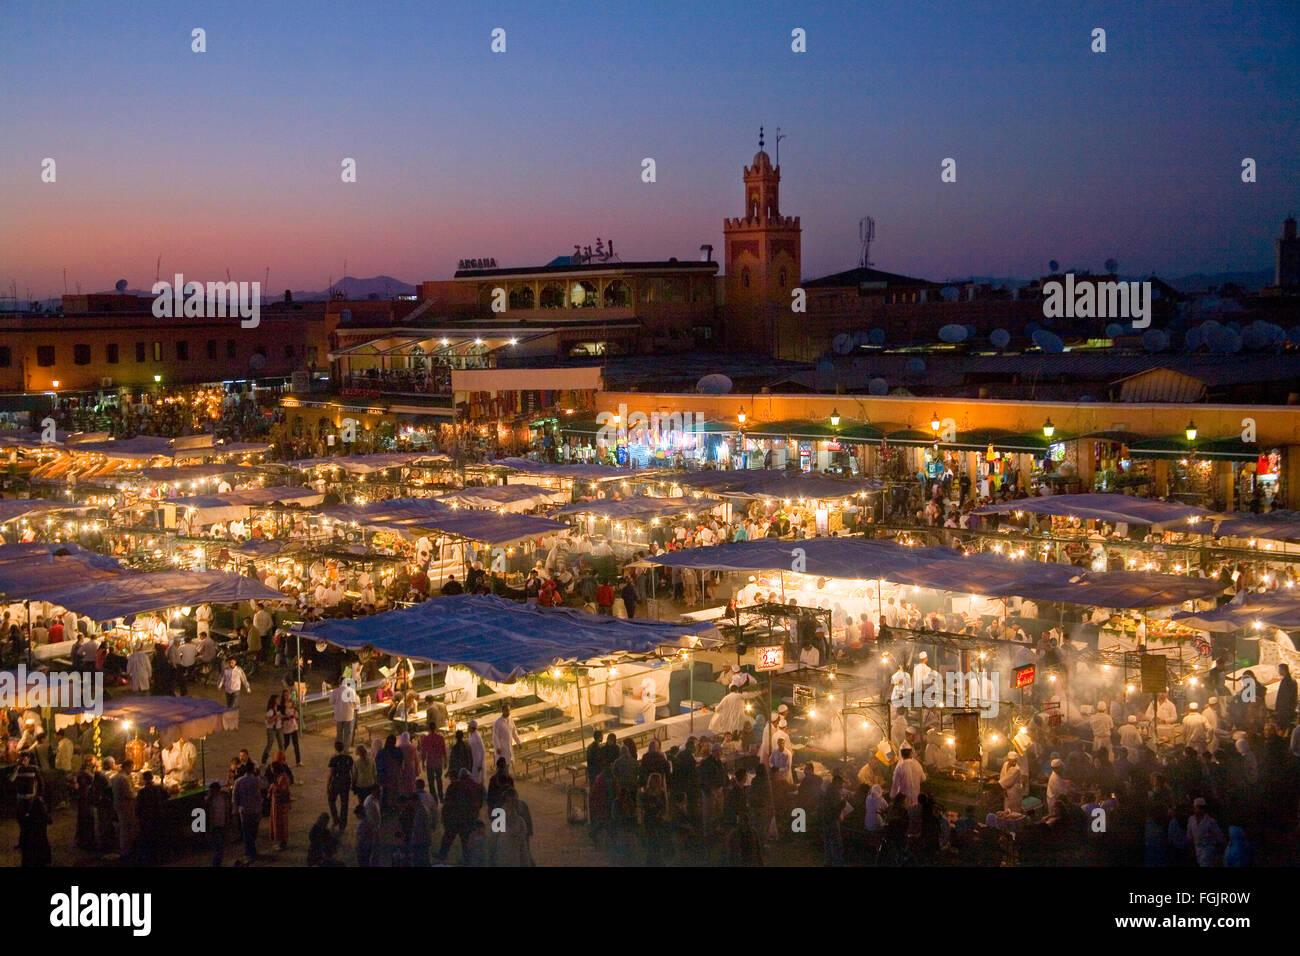 Sera caffè e bancarelle in Piazza Jemaa El Fna. Marrakech, Marocco Immagini Stock